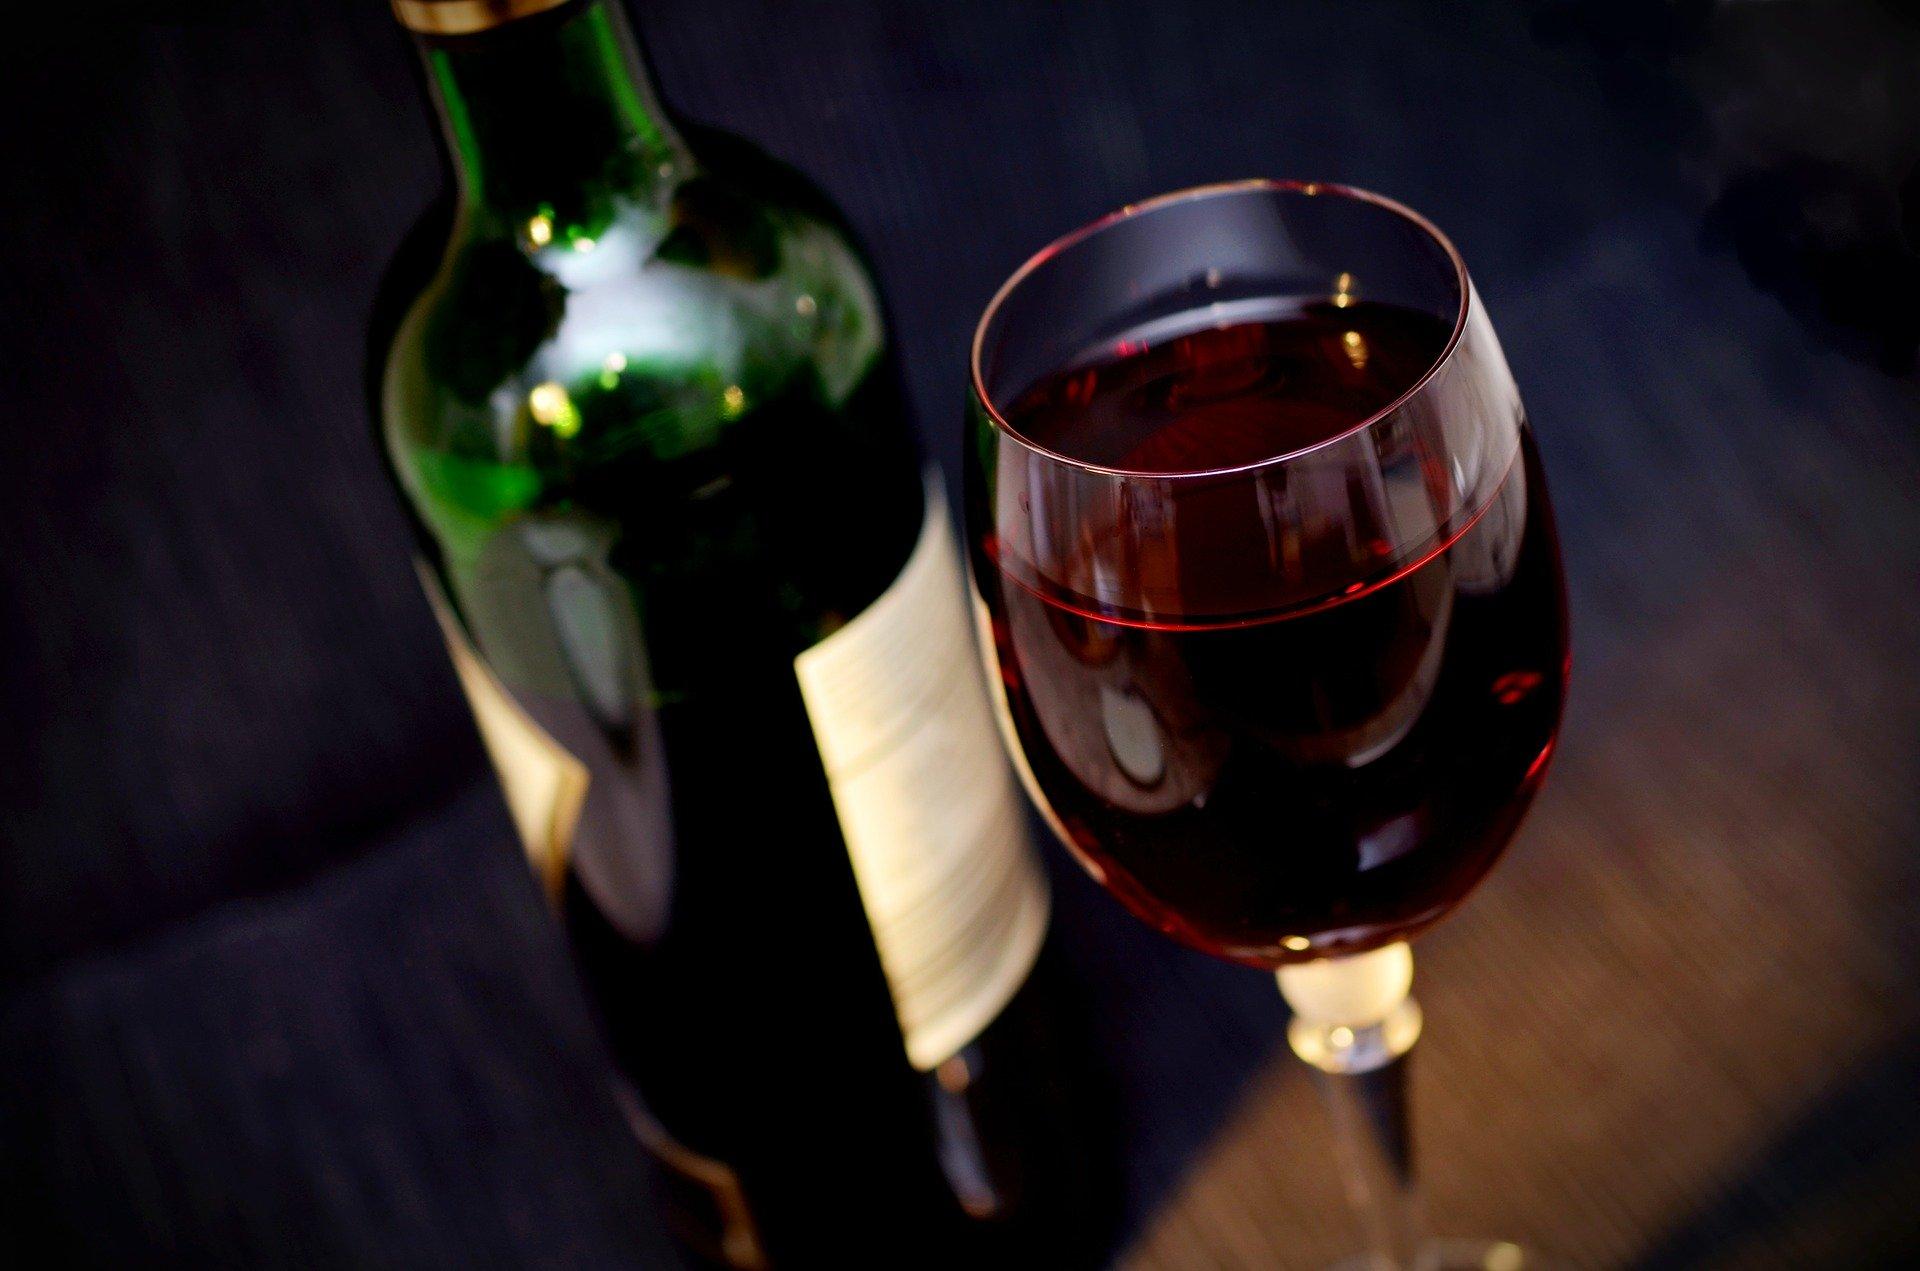 Où trouver un bon vin de Bourgogne au meilleur prix ?